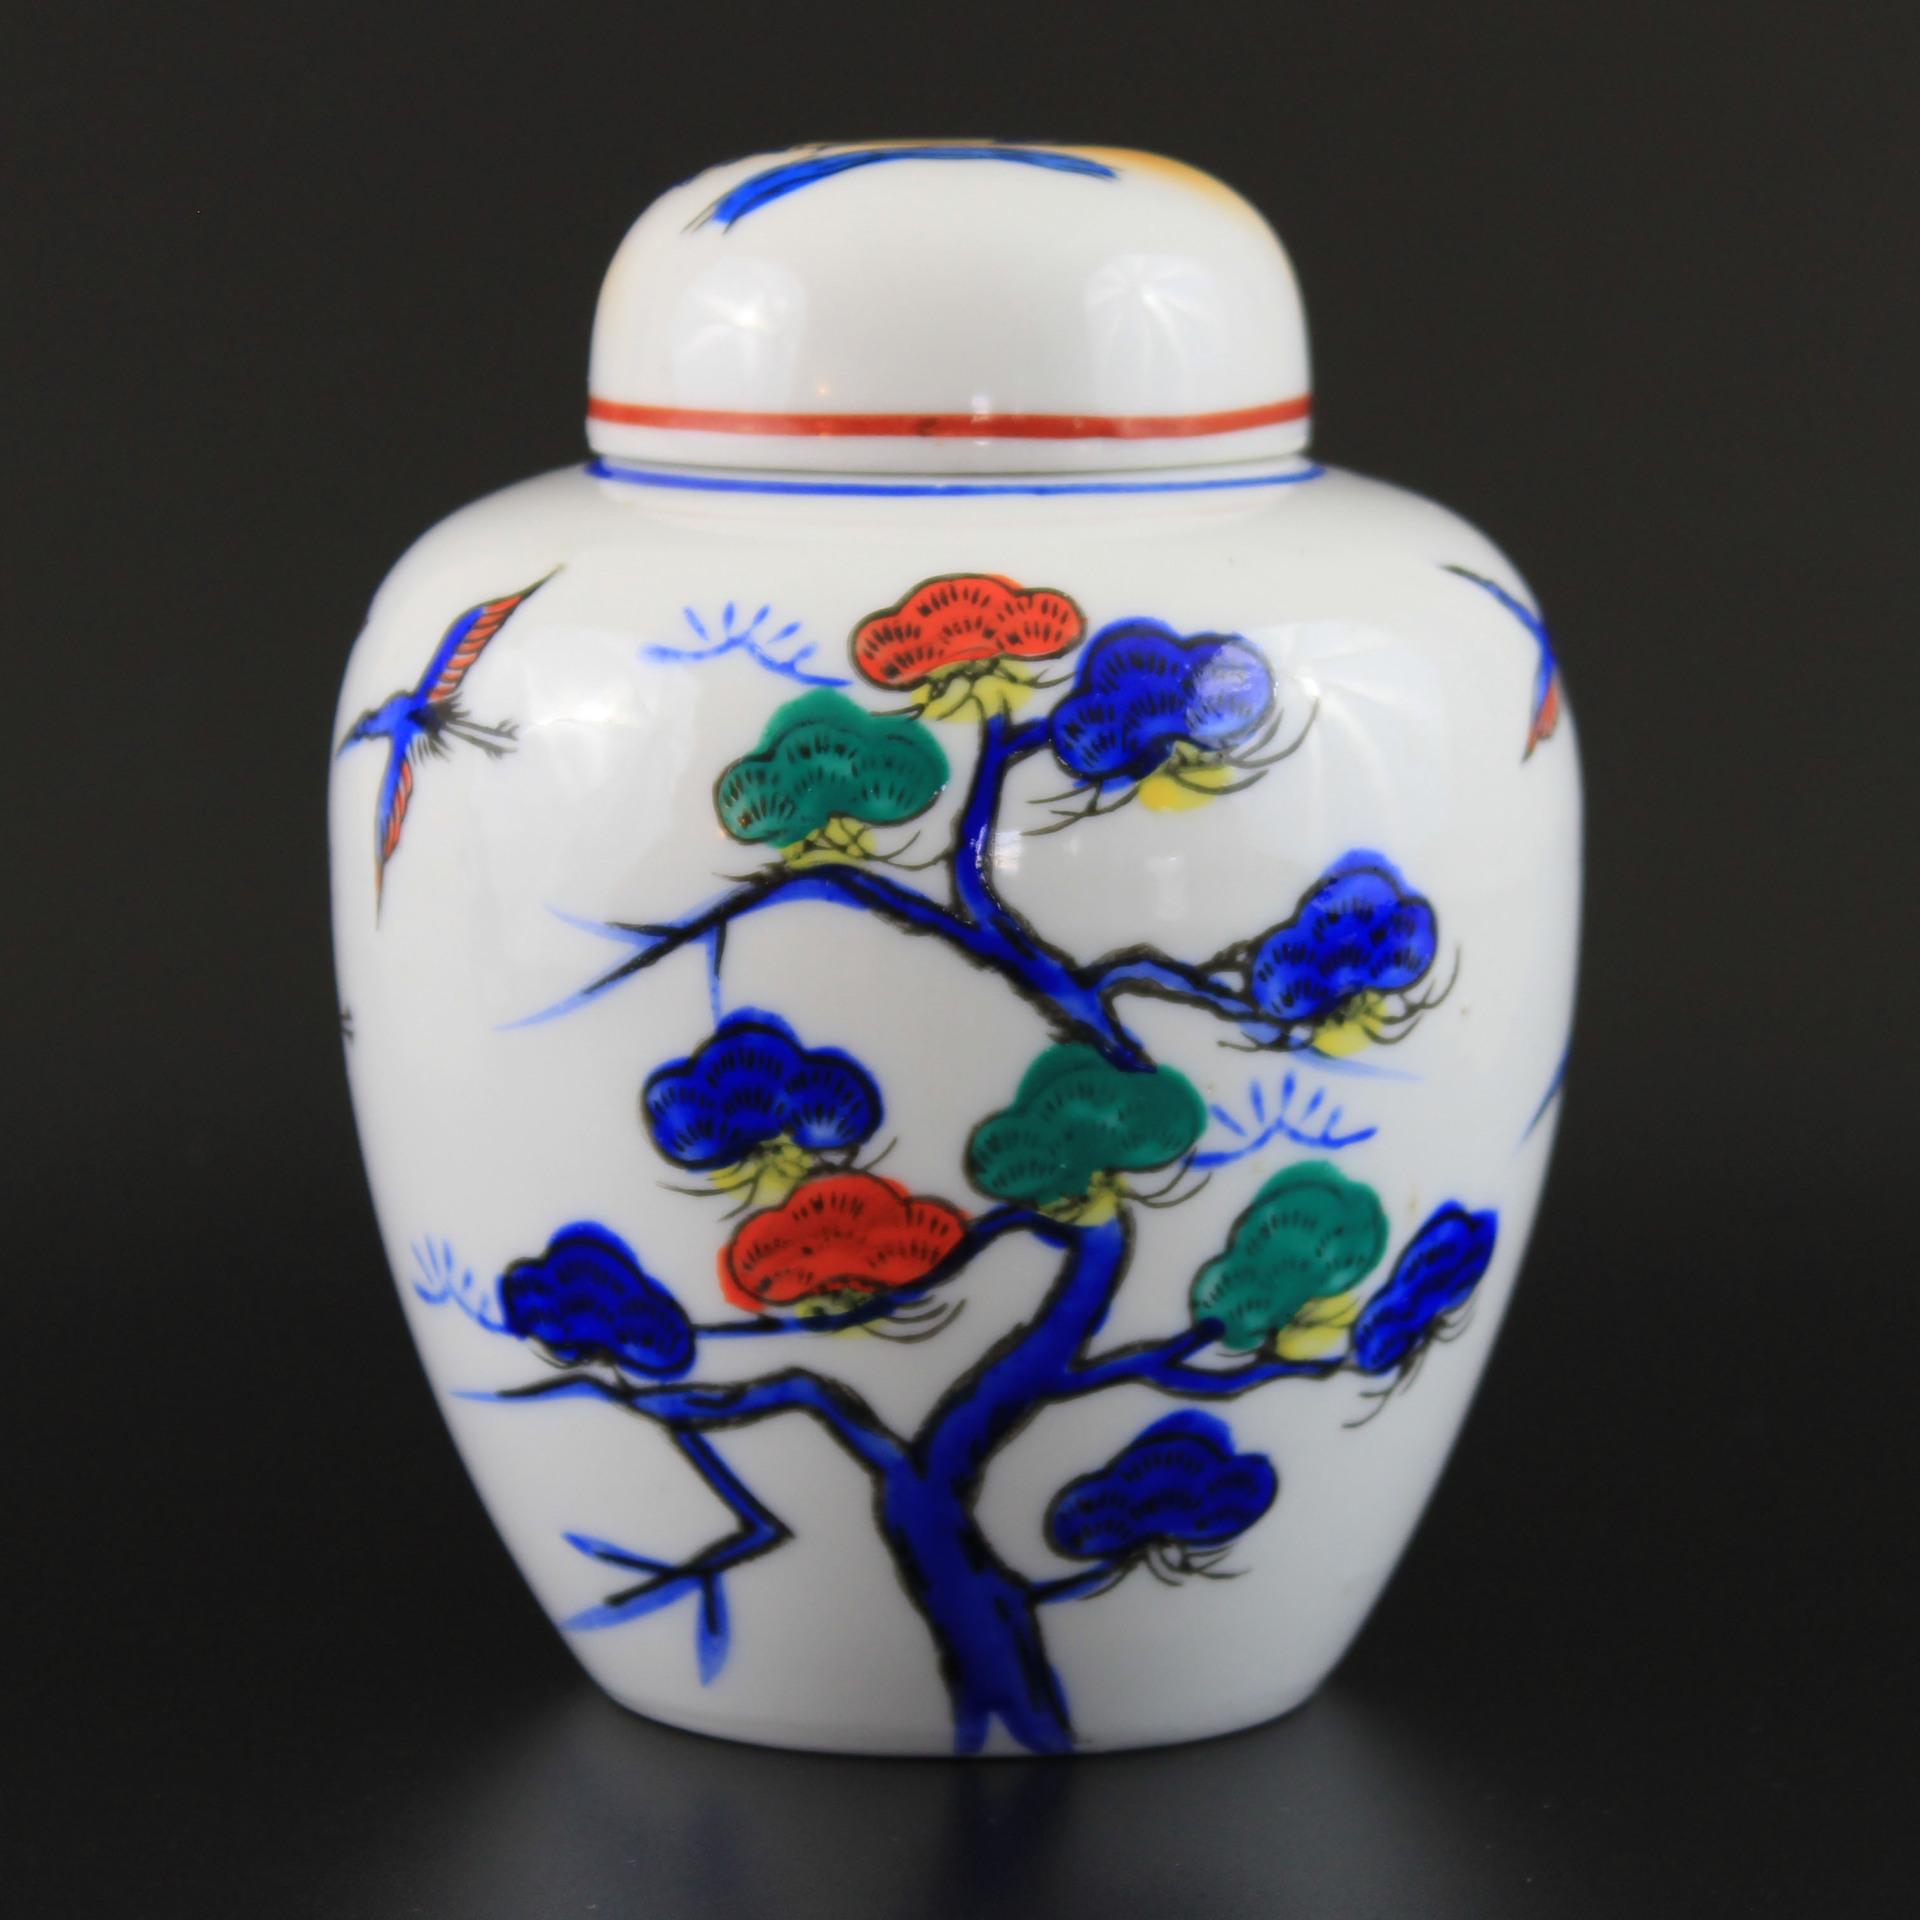 Seymour Mann Raised Enamel Porcelain Ginger Jar